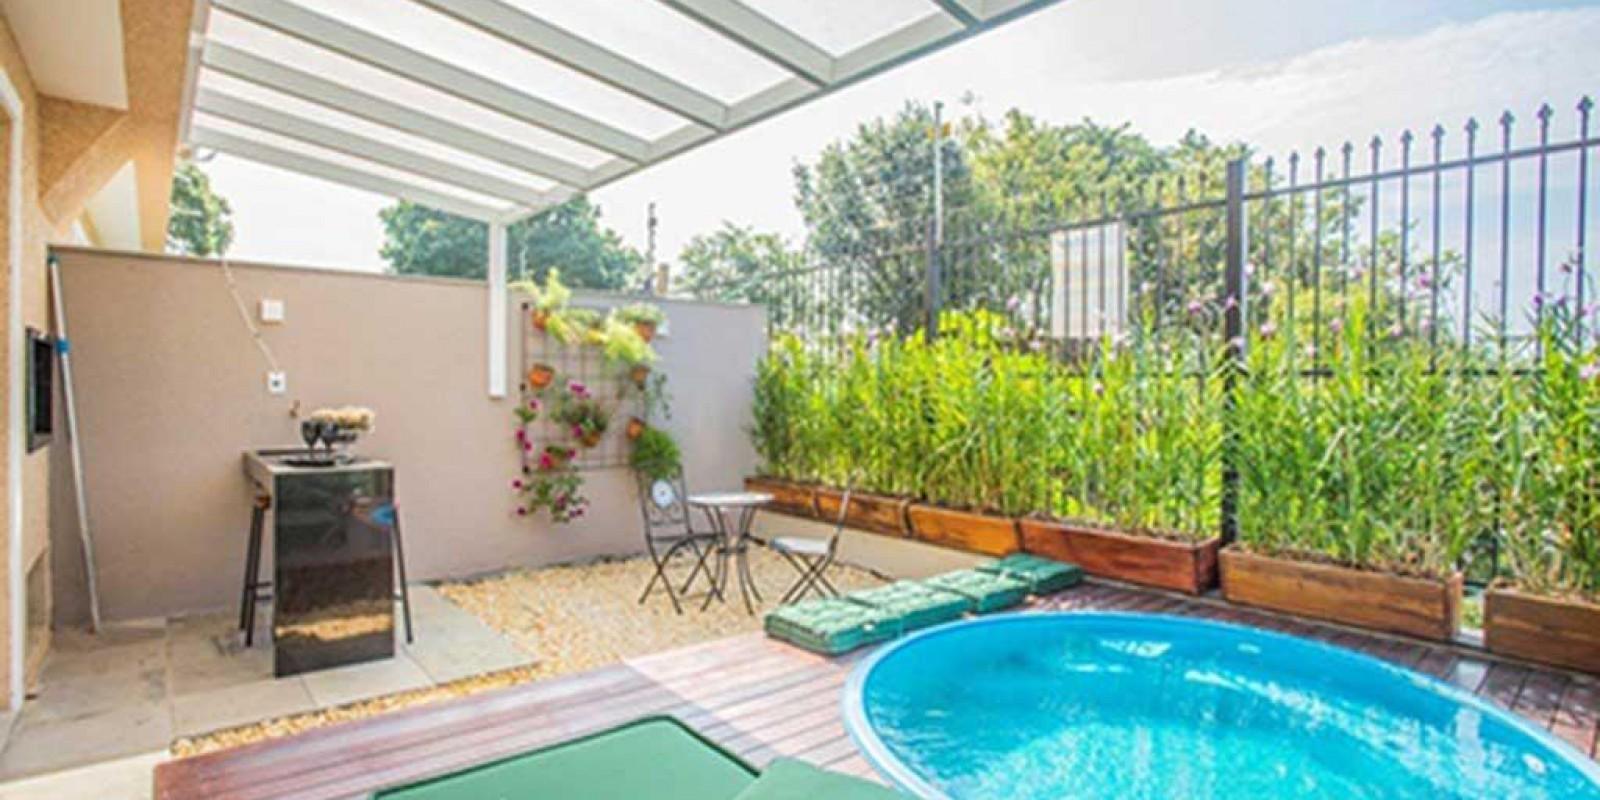 TPS Imóveis - Veja Foto 1 de 20 do Casa A Venda Em Condomínio Fechado Porto Alegre